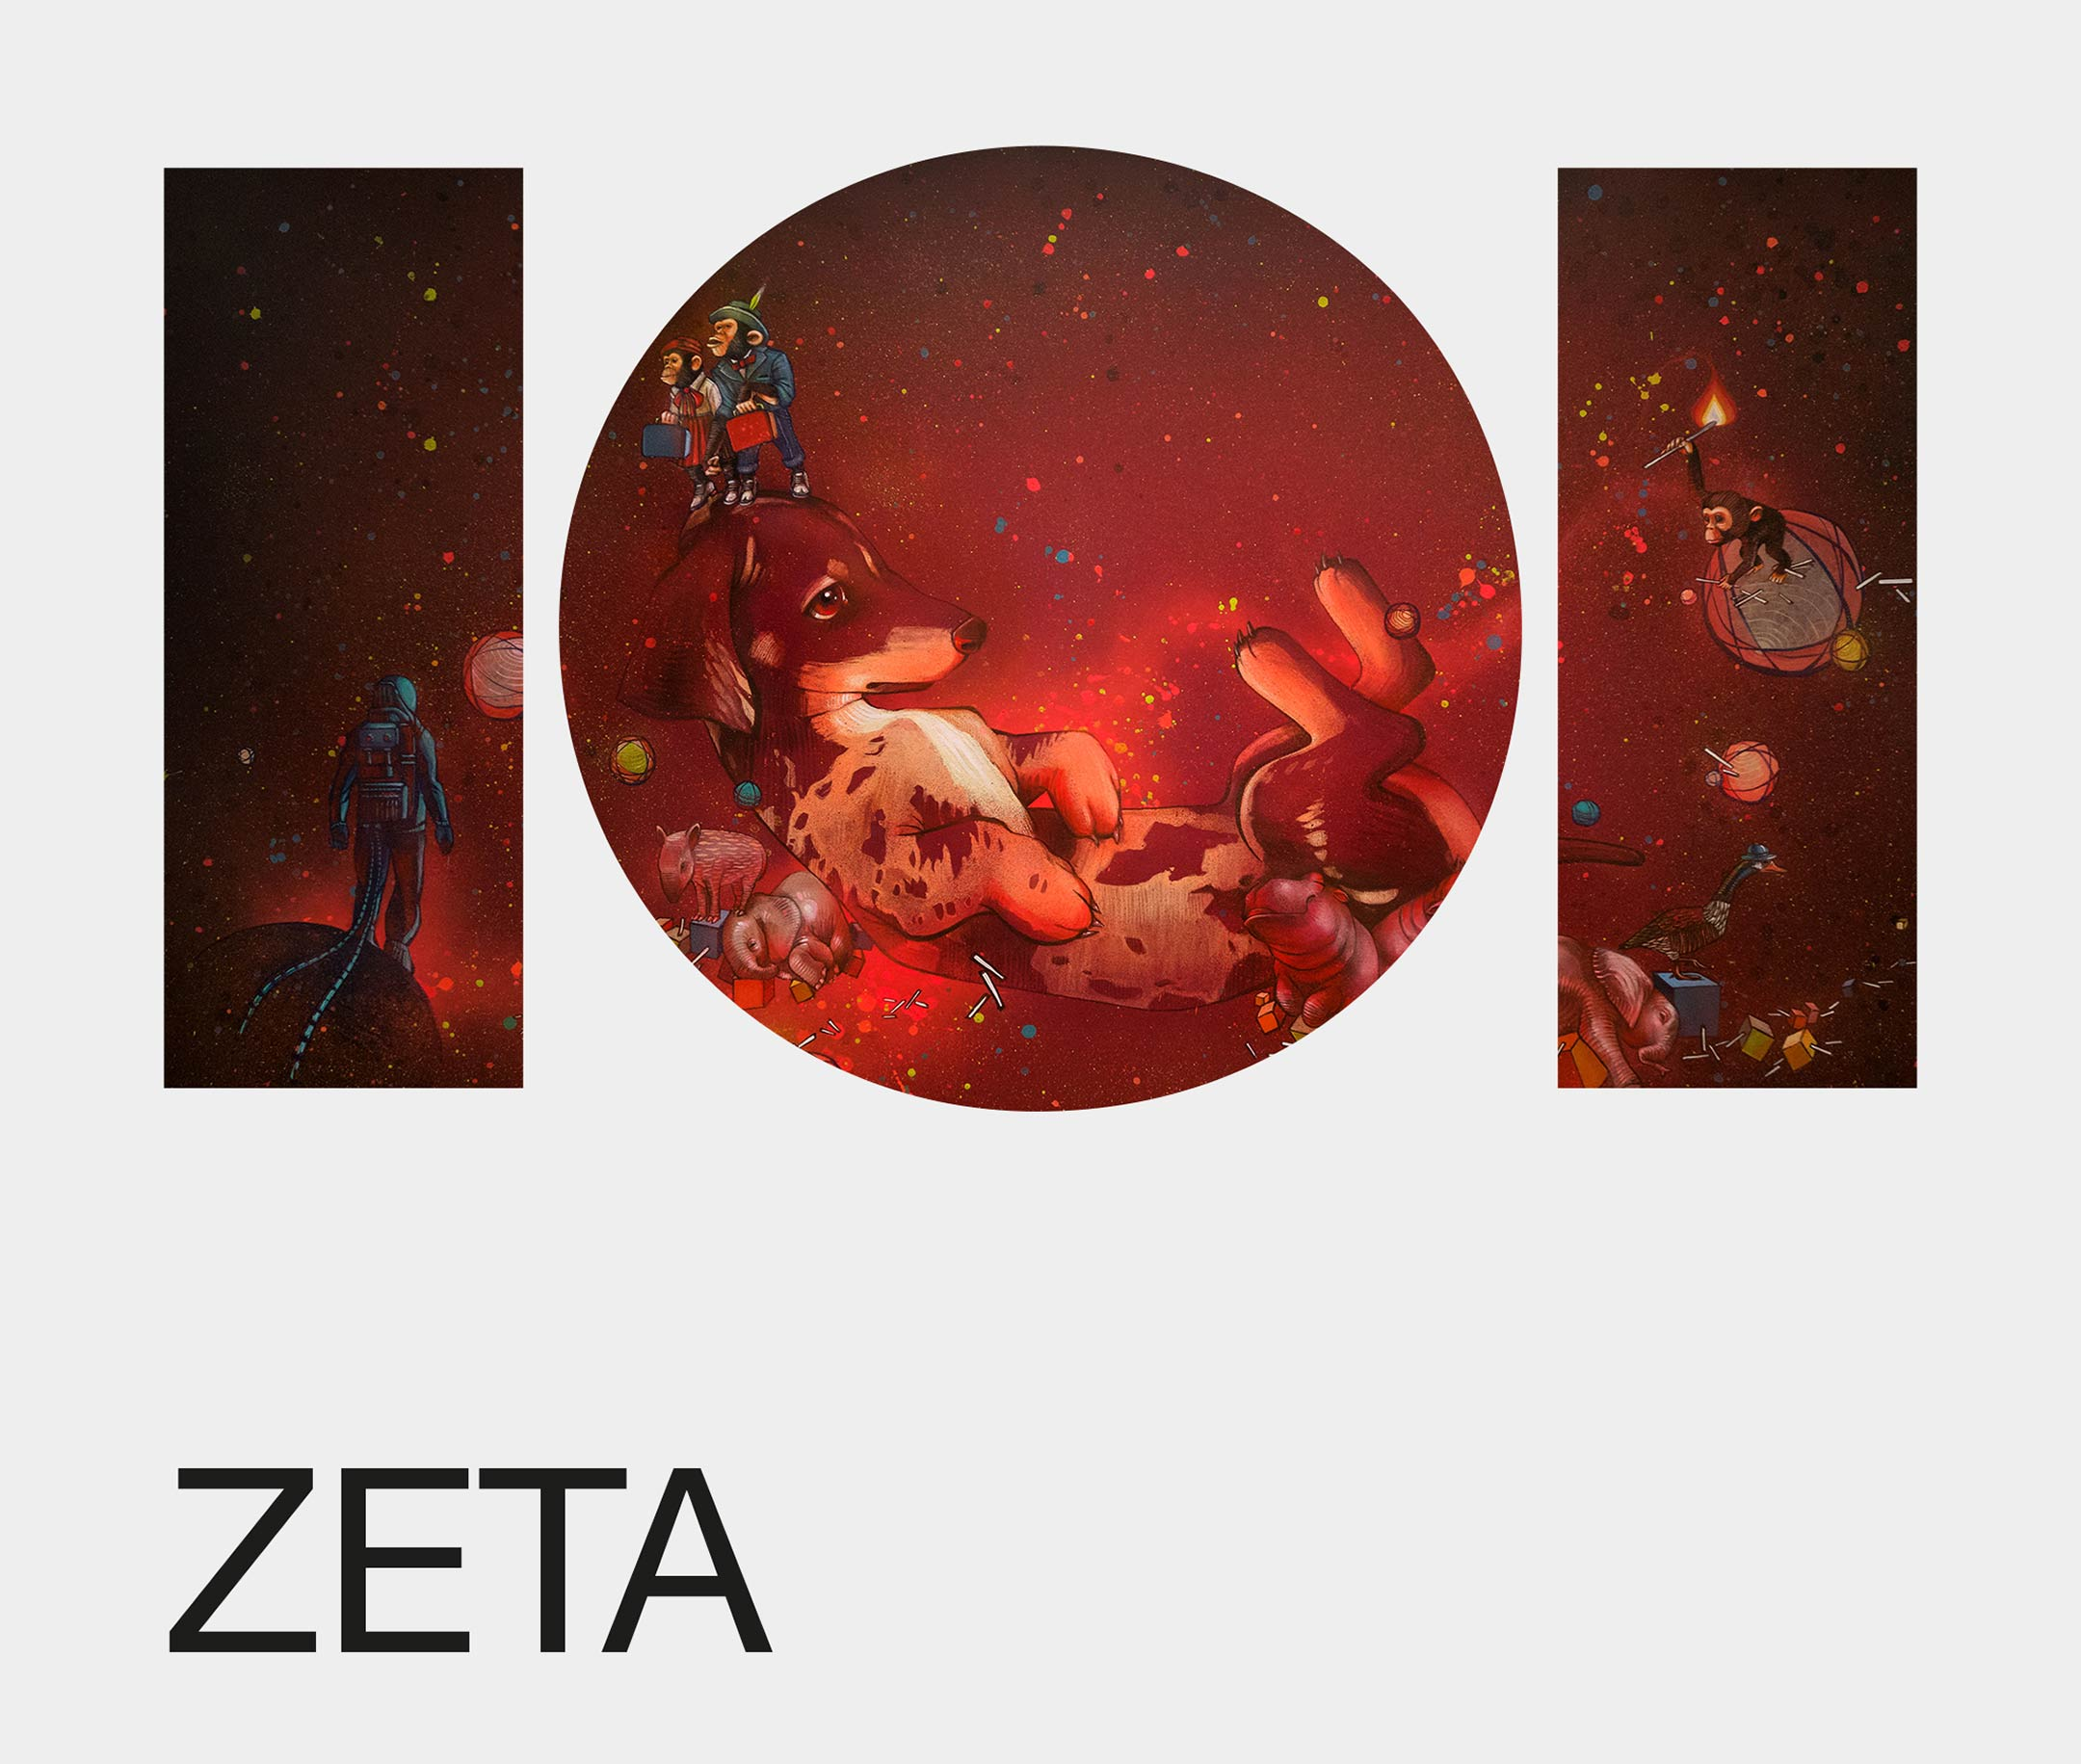 ZETA_IG